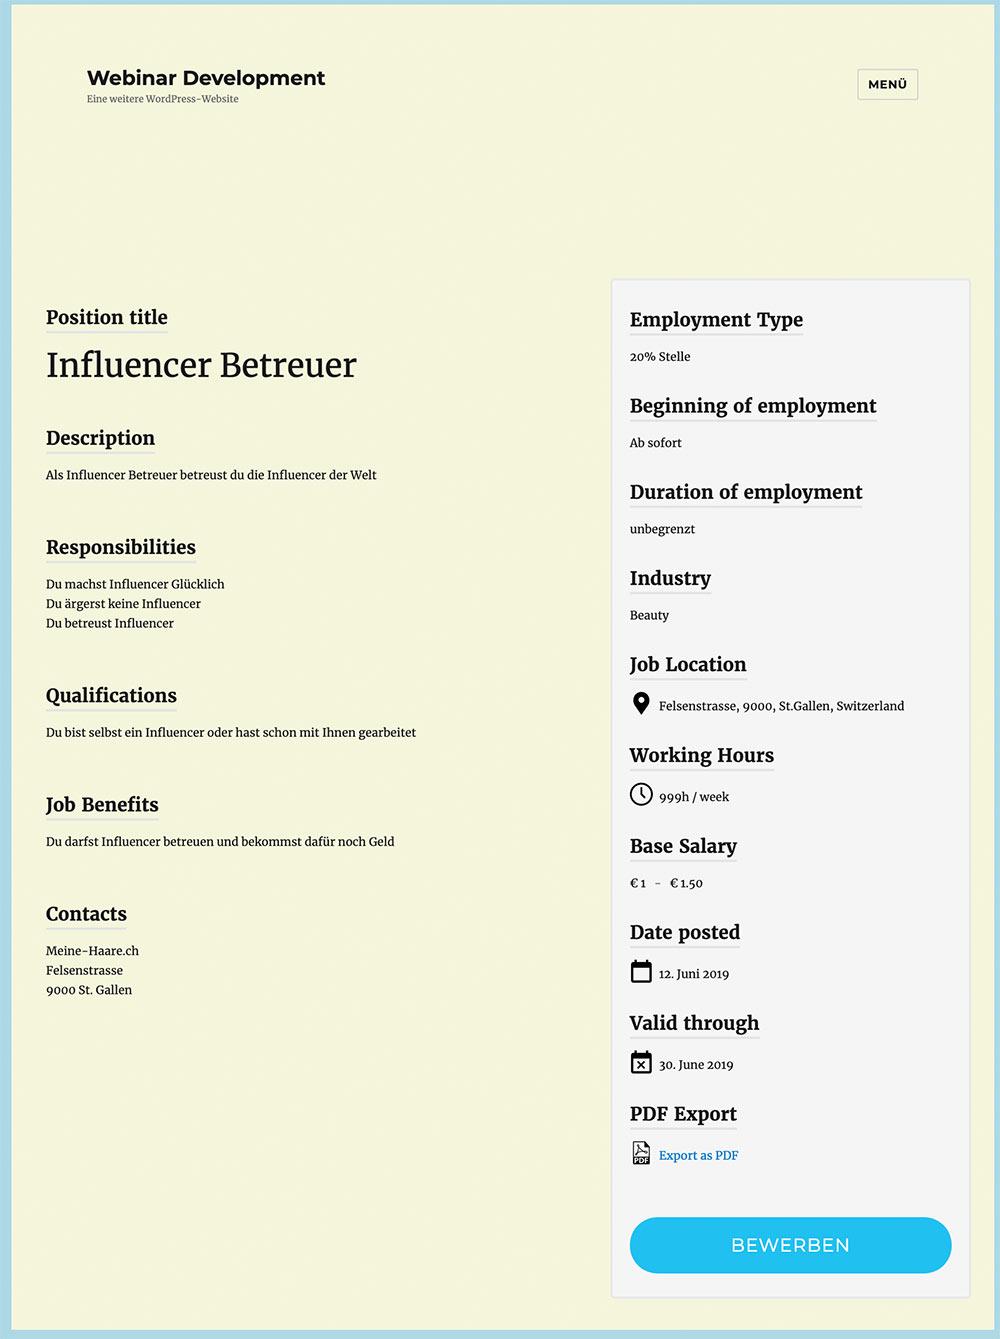 wordpress plugin blueglass jobs for google 5 - Für Google optimierte Stelleninserate veröffentlichen